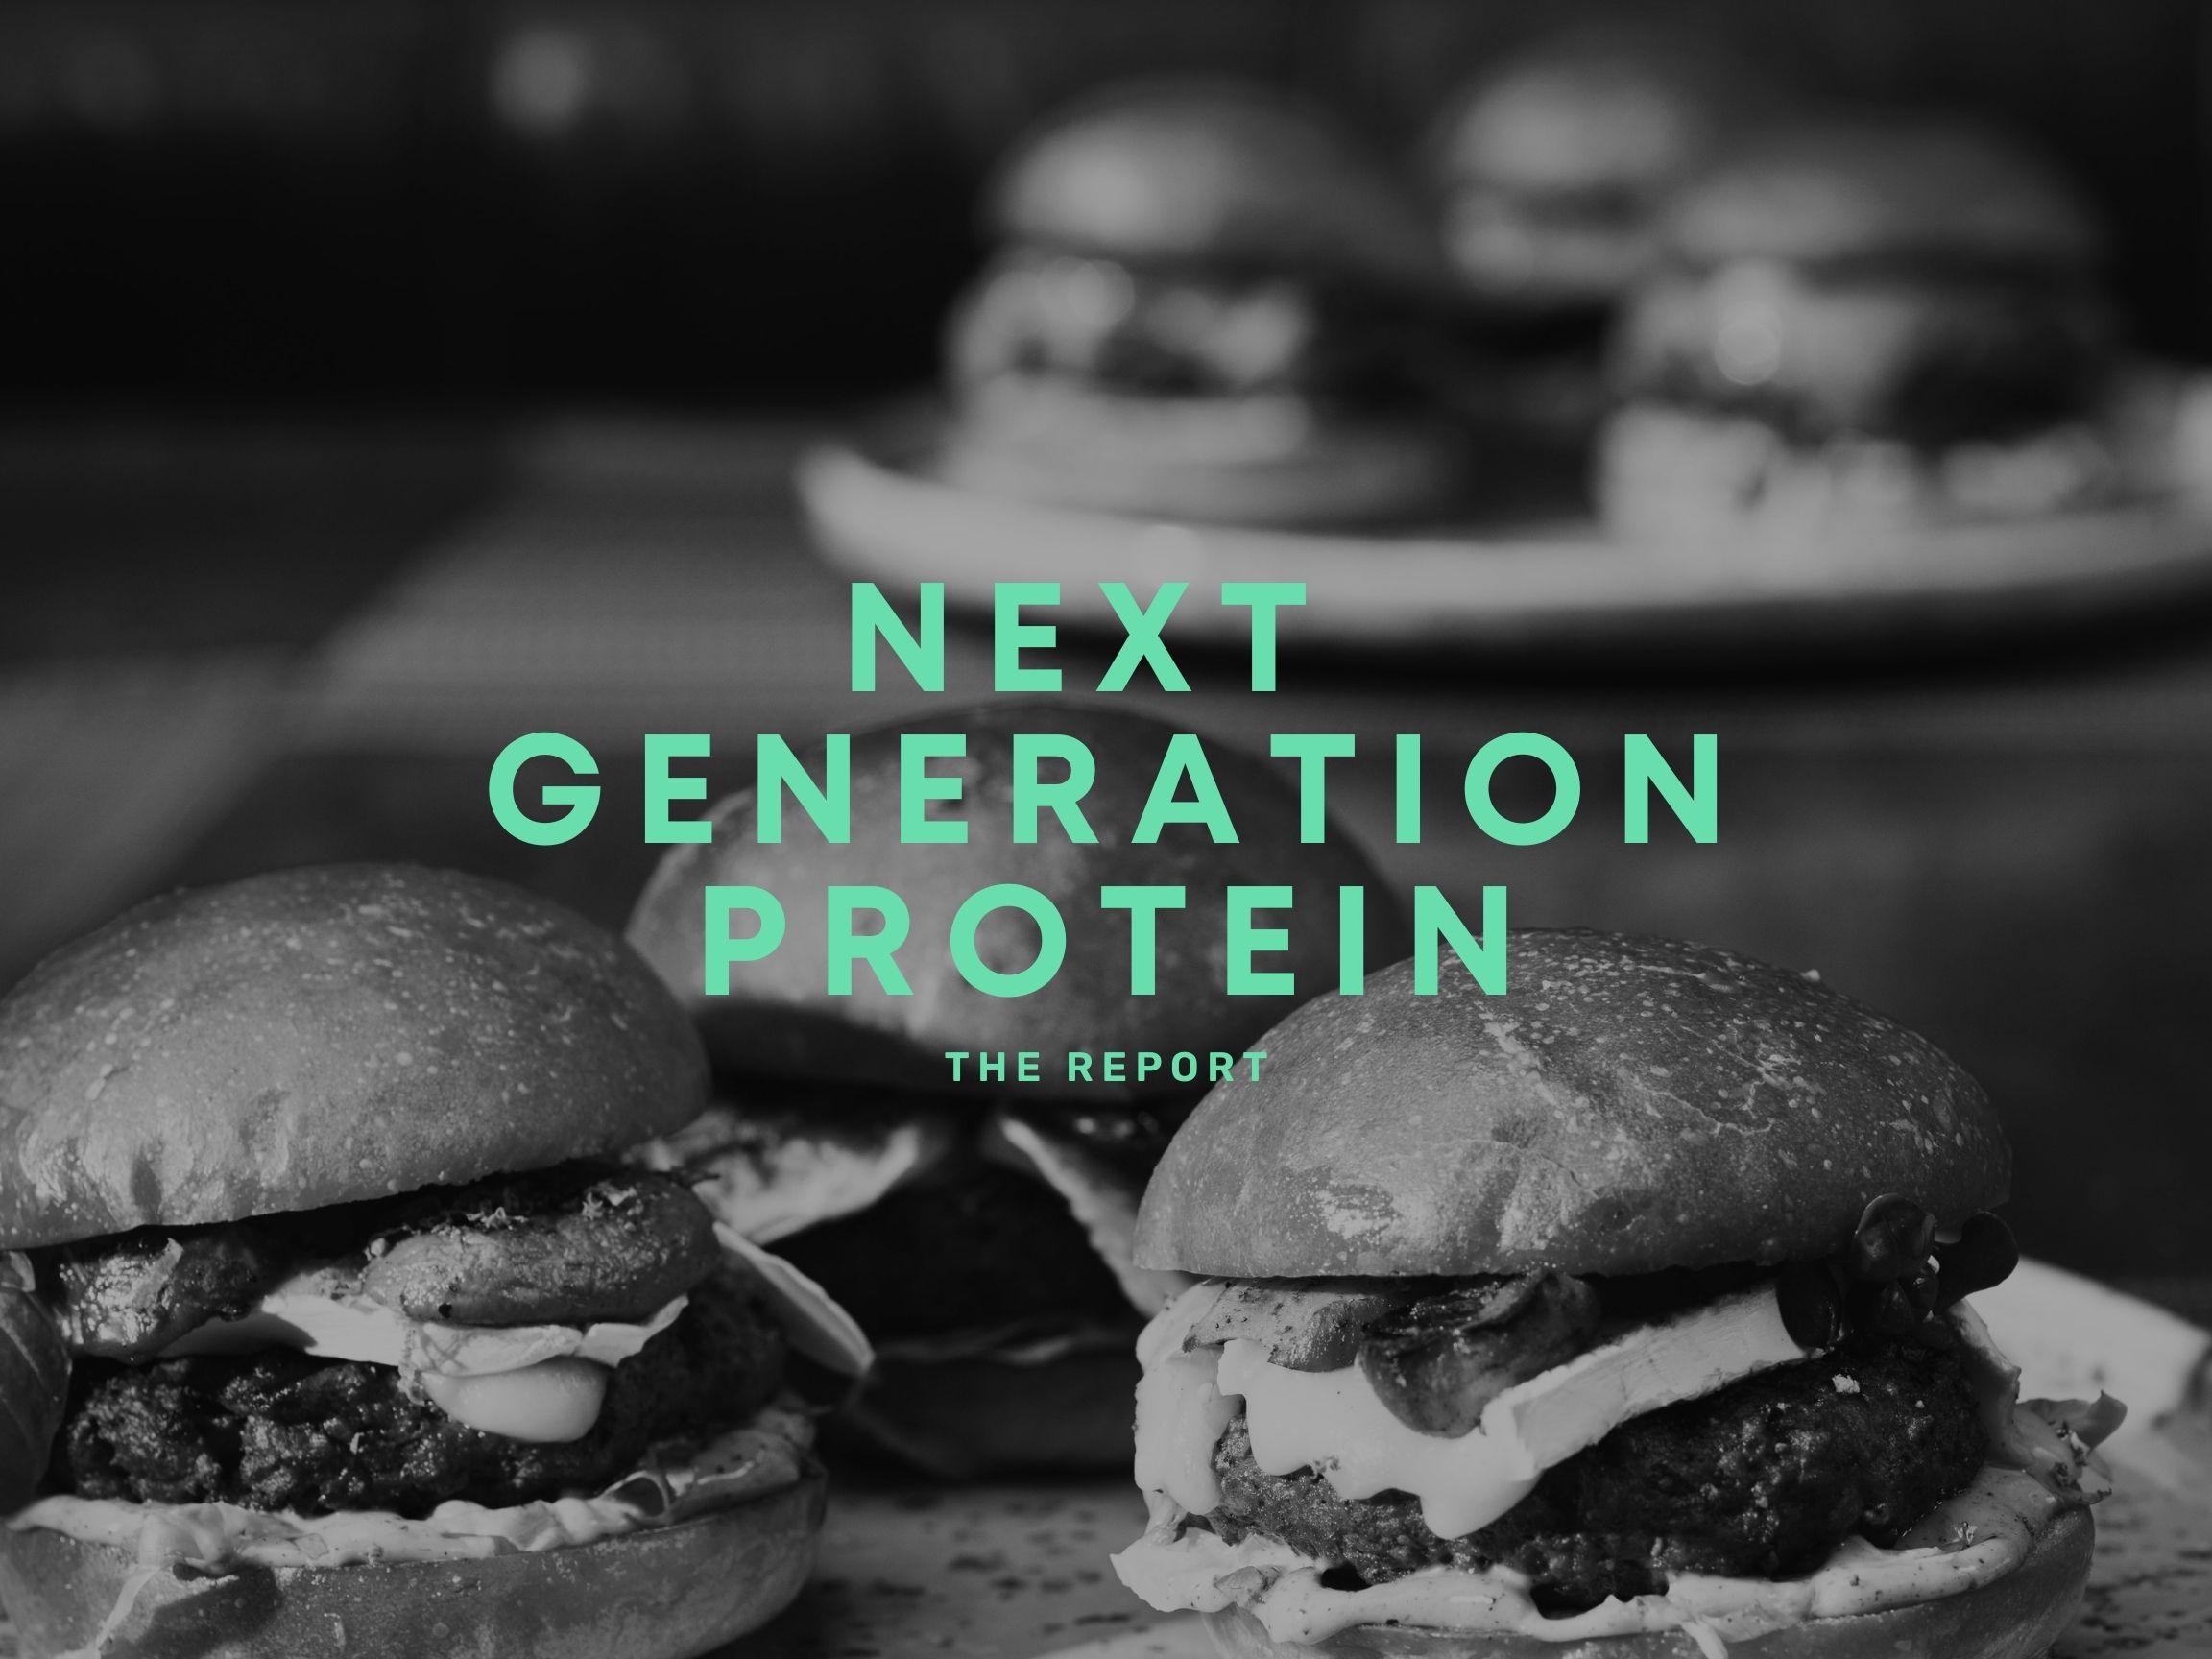 Next Generation Protein